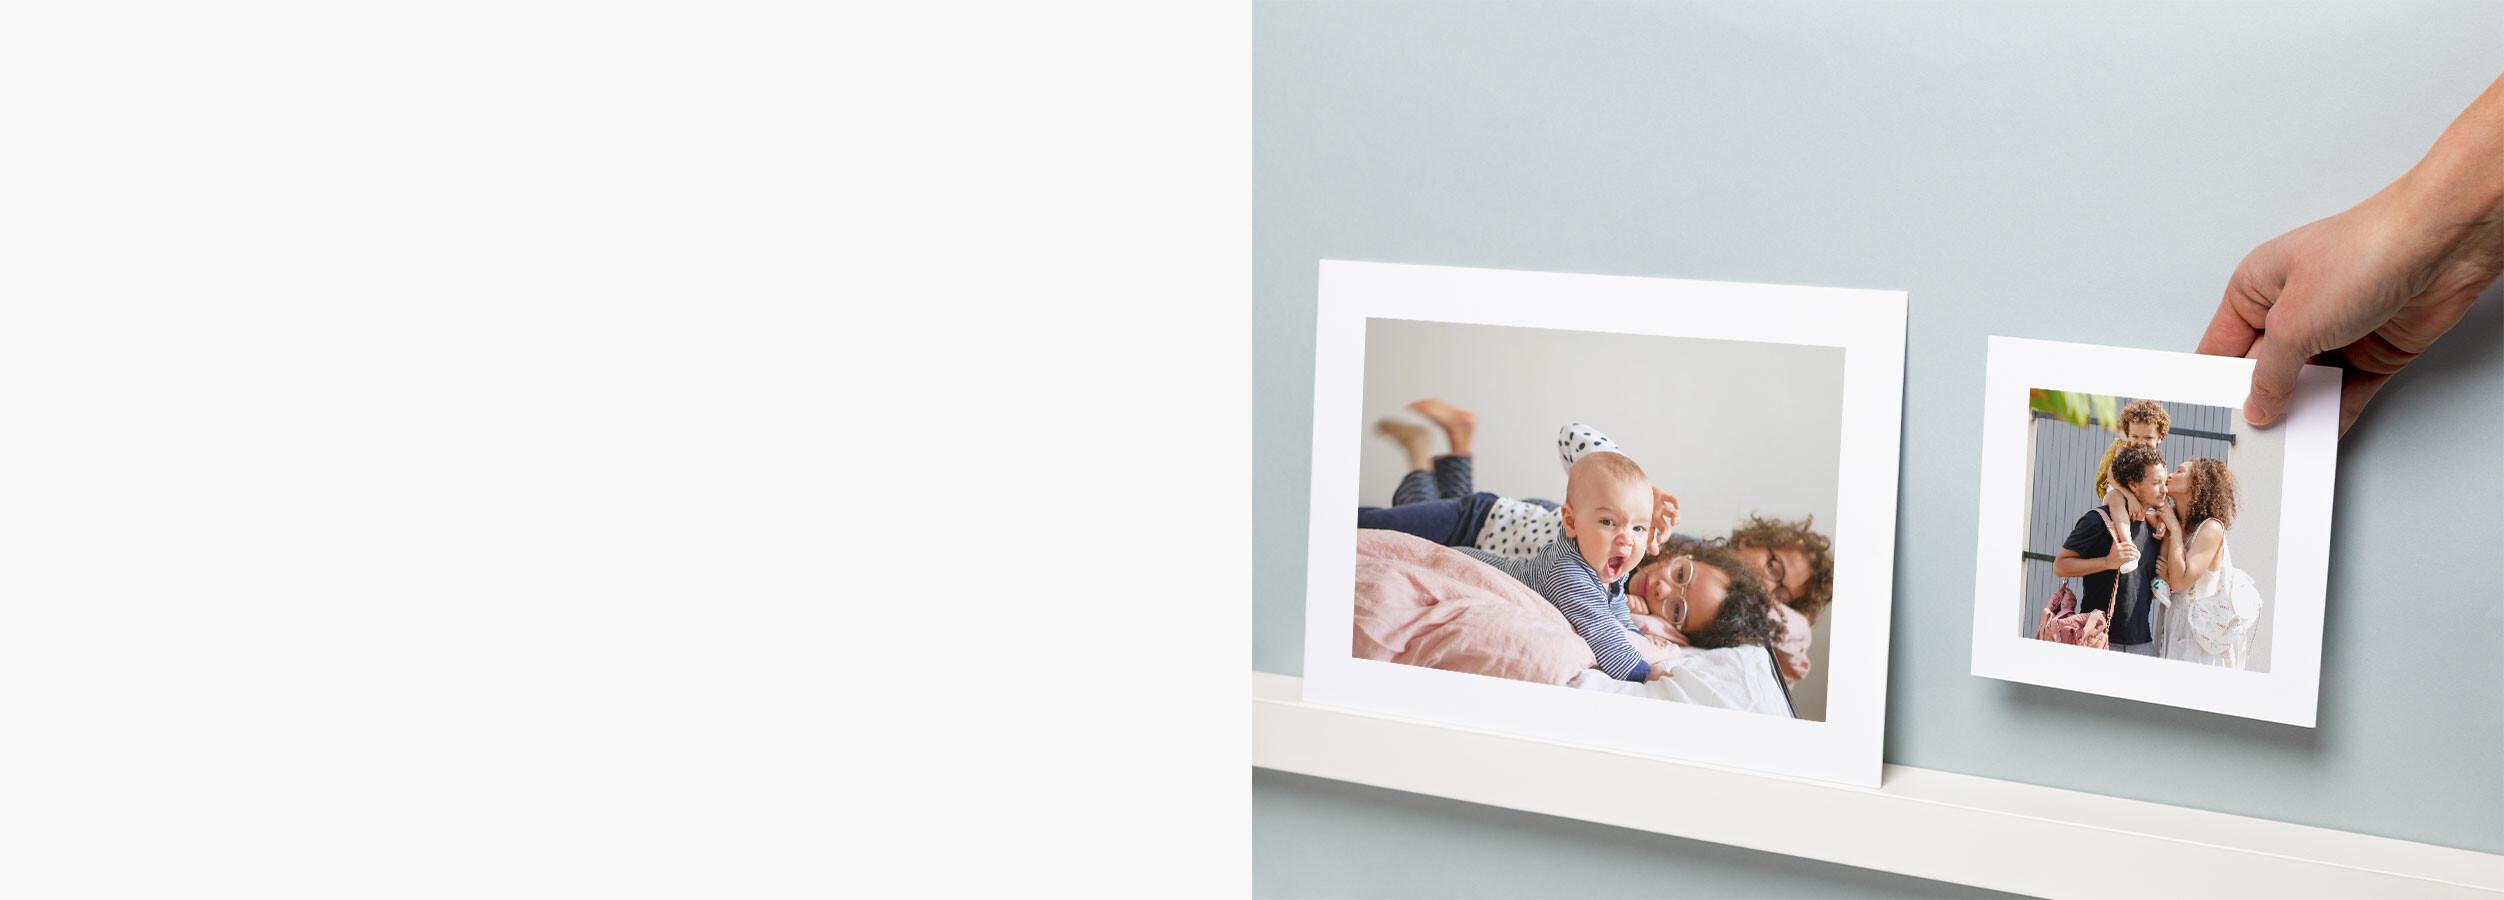 Fotodruck Atelier Rosemood